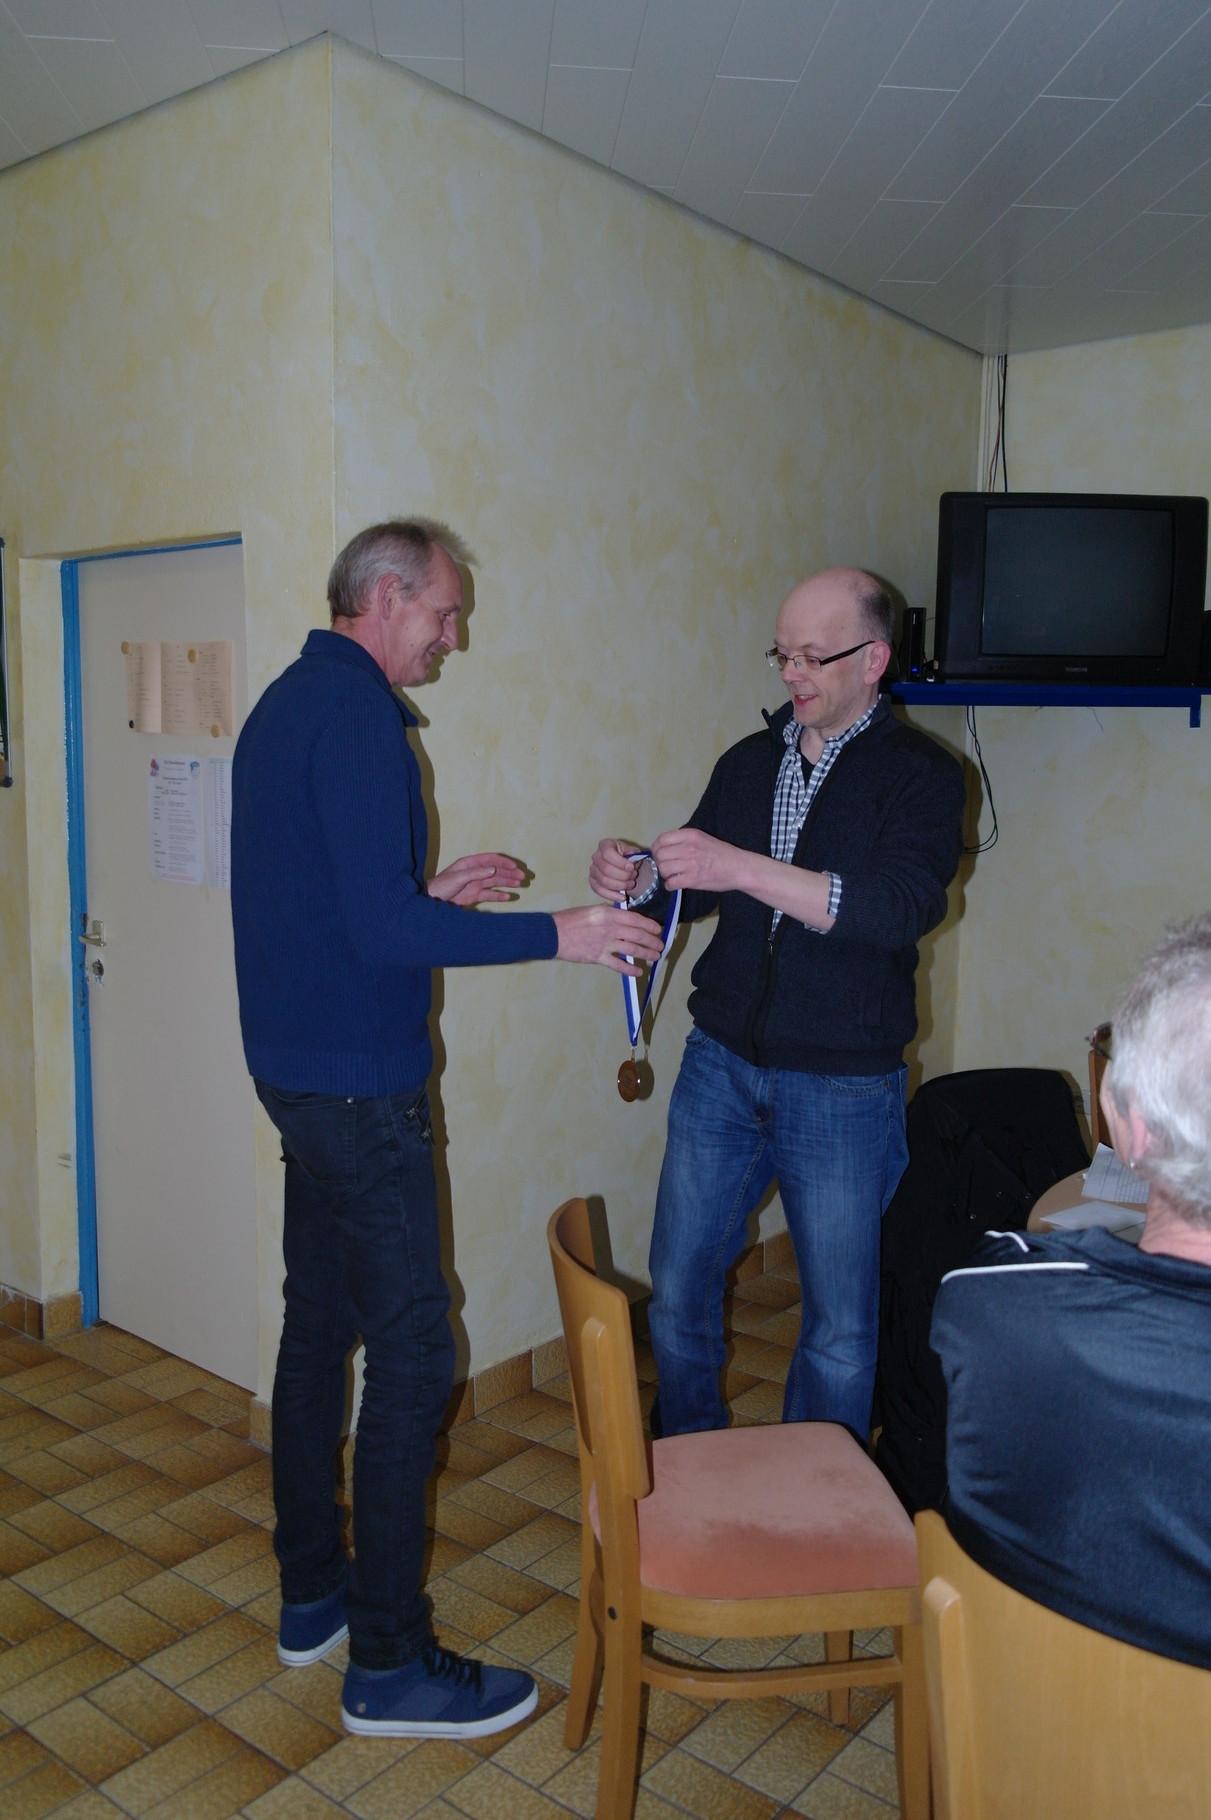 2. Platz Doppel 2015: Detlef Just und Nico Tristram (nicht anwesend)